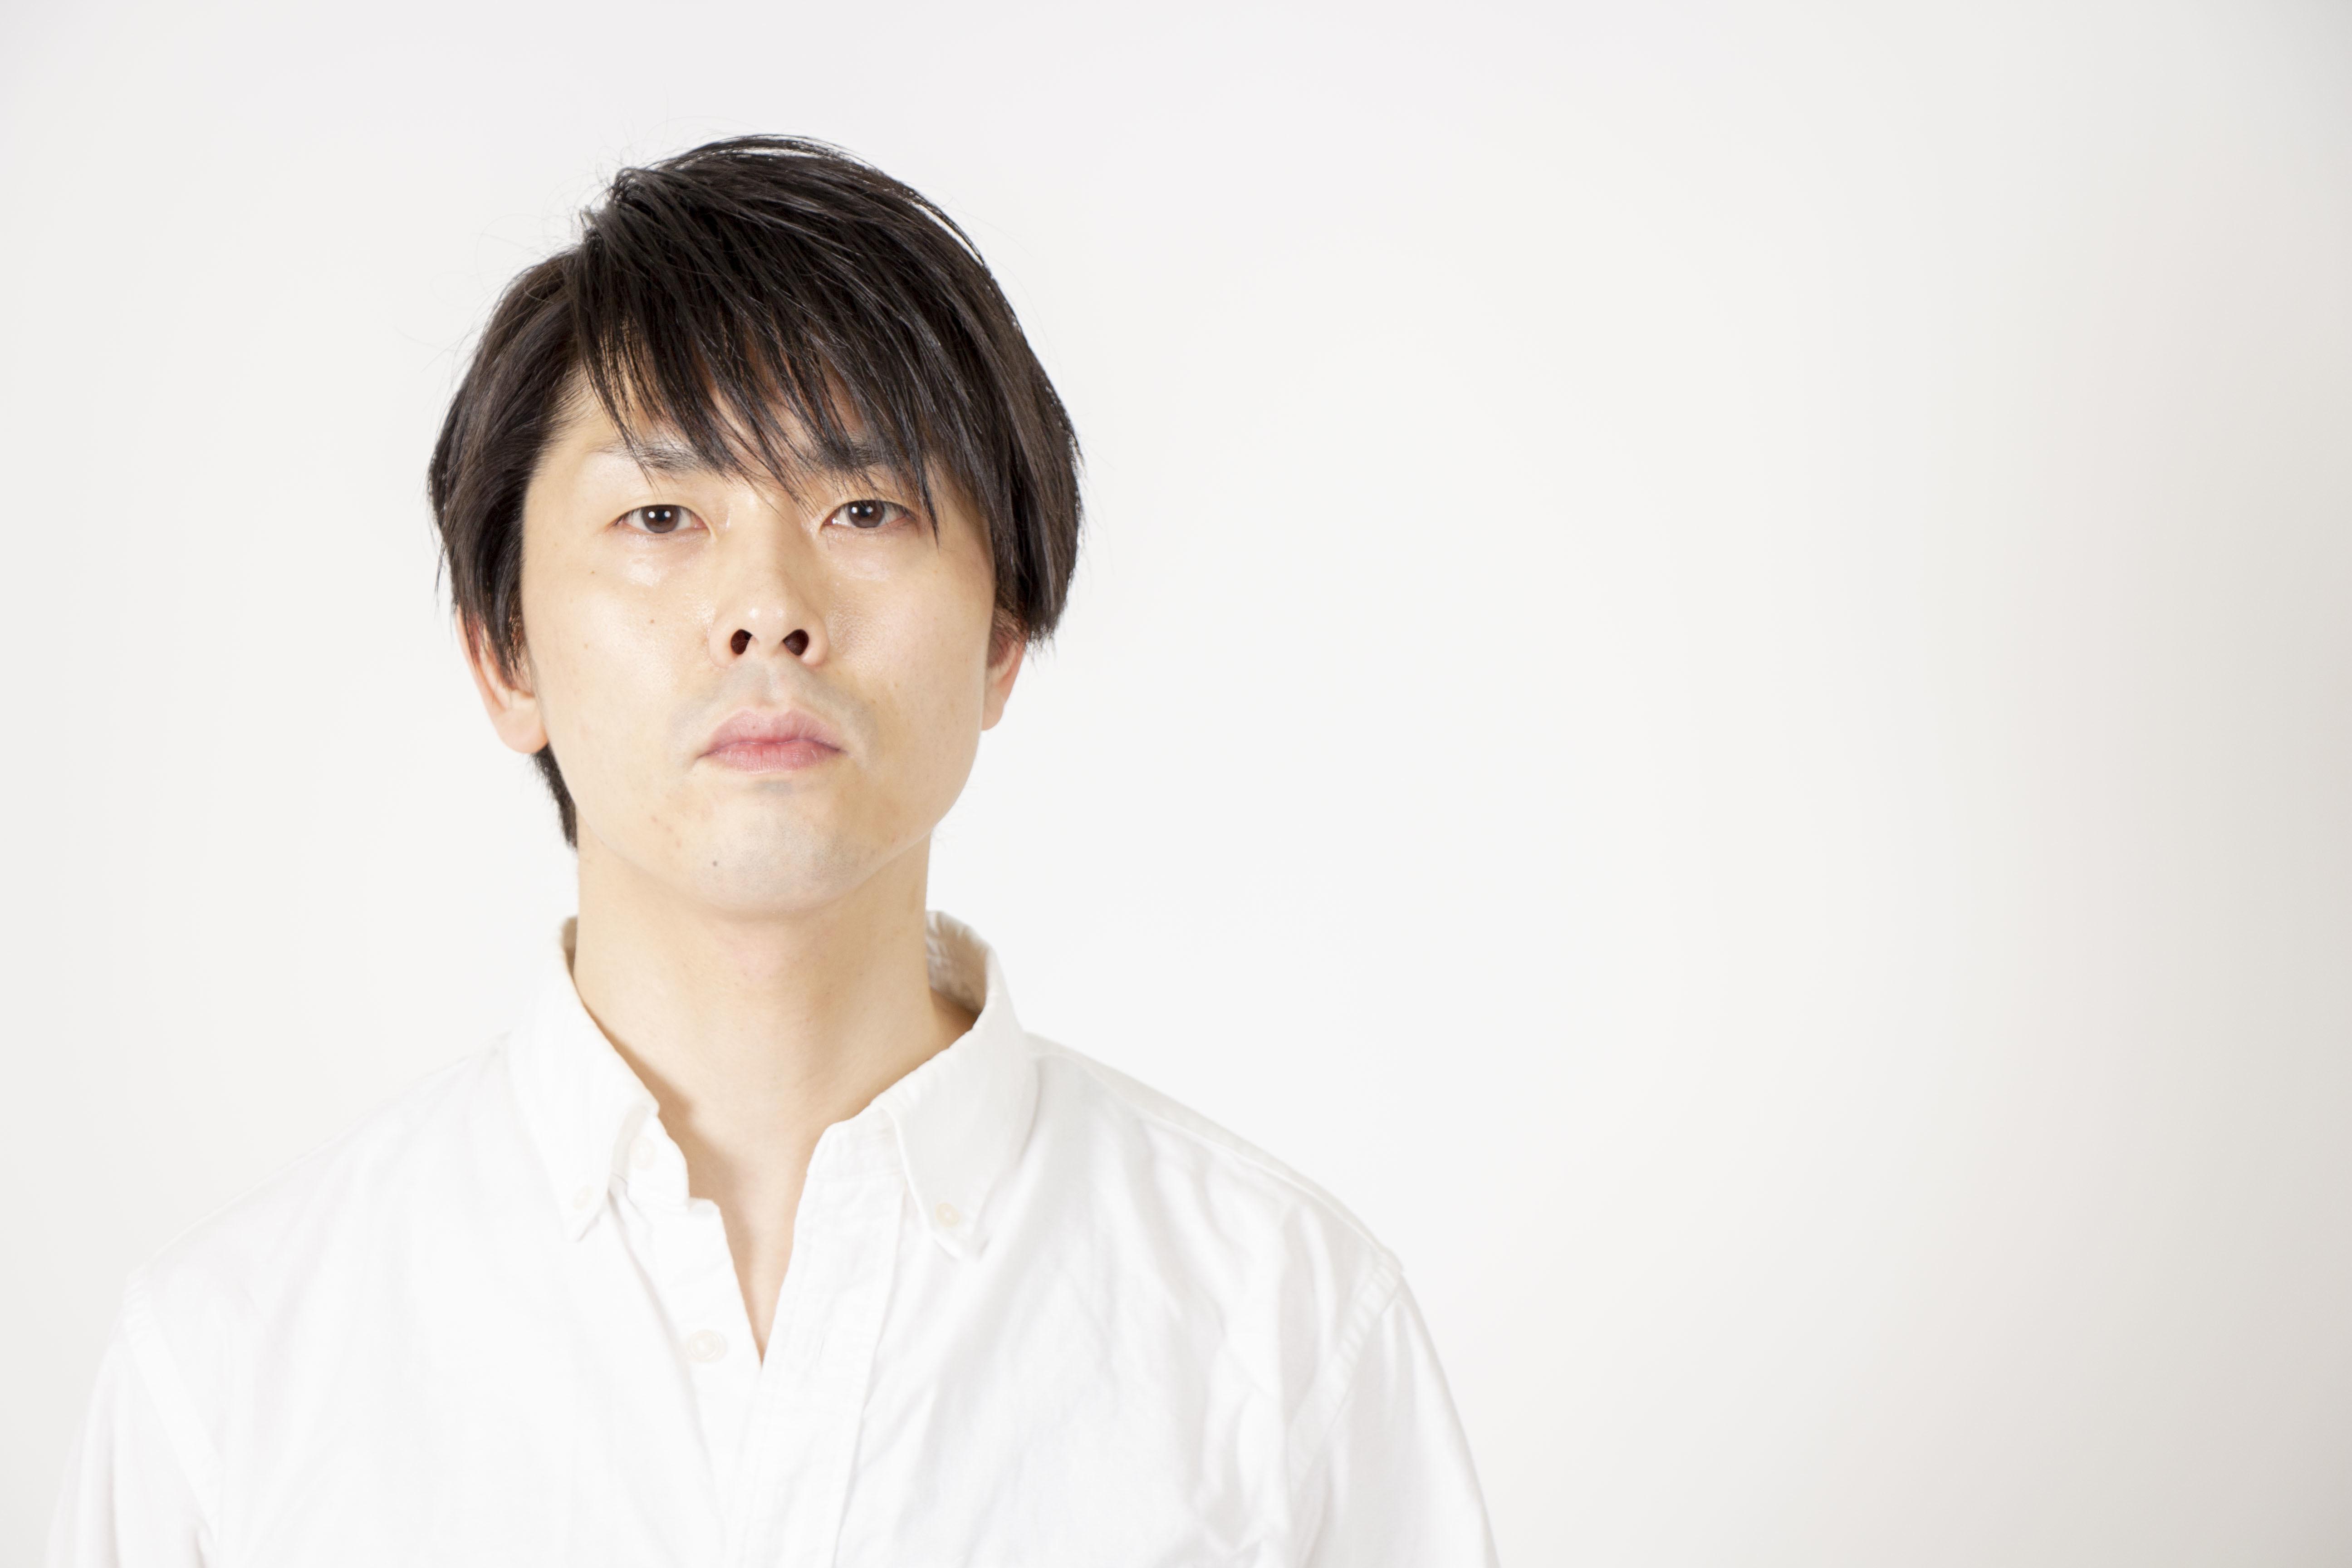 シンガーソングライター【FUJI HIROSHI】、 アルバム制作プロジェクト